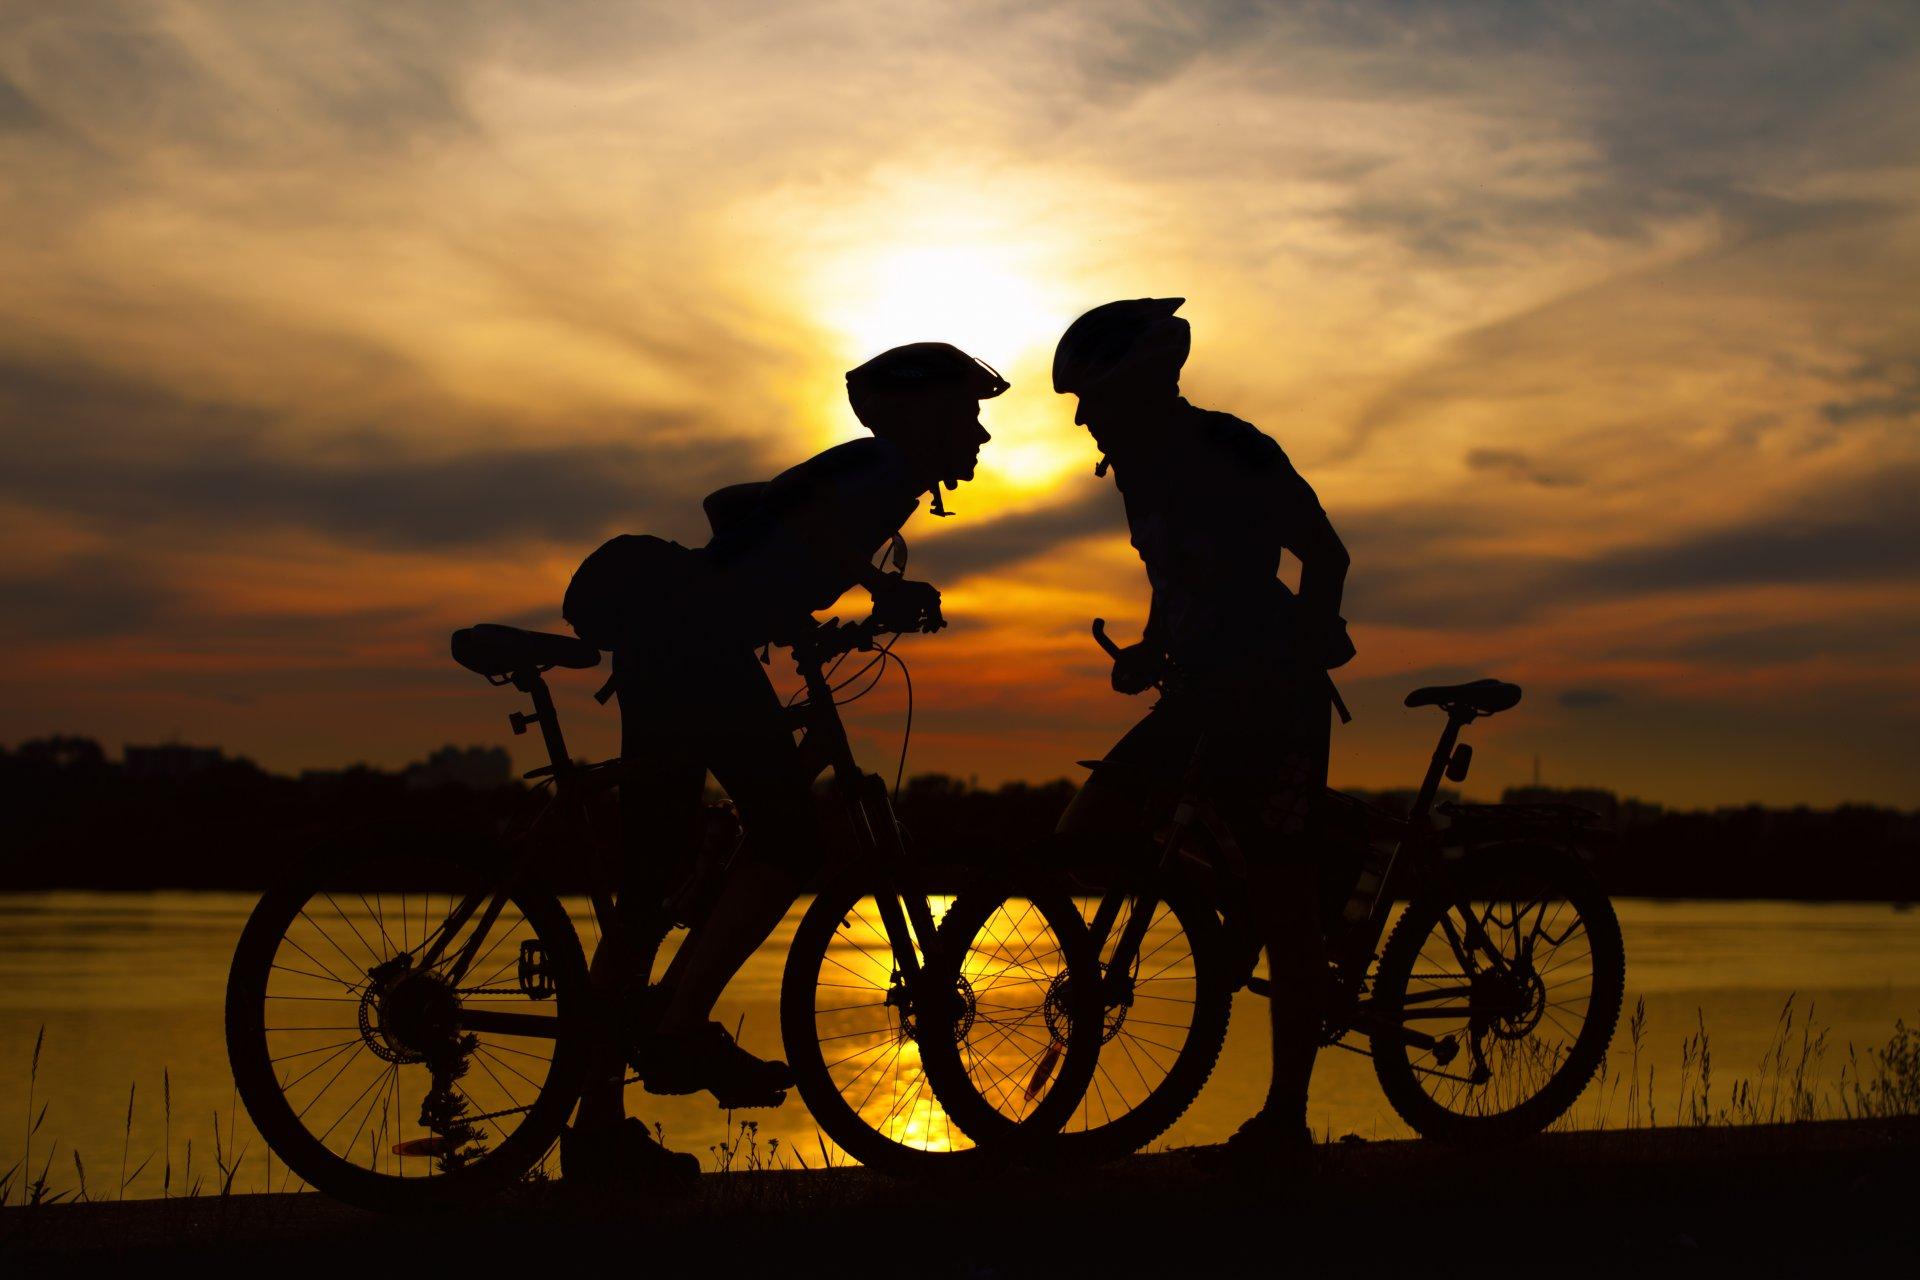 кормить нечем, картинка два велосипеда даже